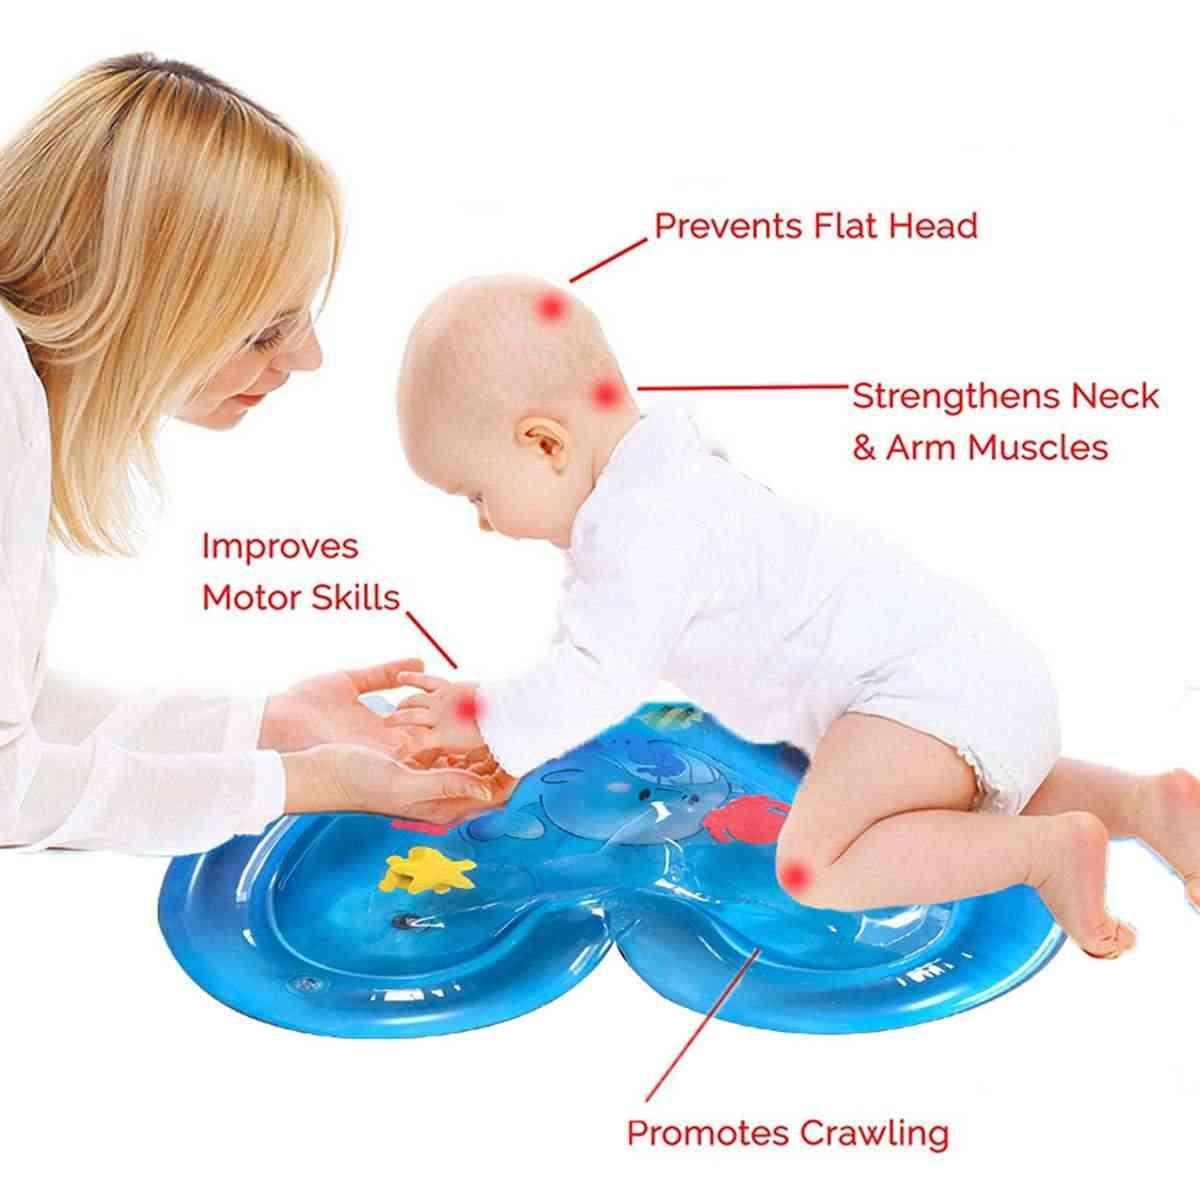 2019 Новая сенсорная стимуляция детский надувной водный игровой коврик для младенцев летнее пляжное водяное сиденье для малышей забавная подвижная игра игрушка